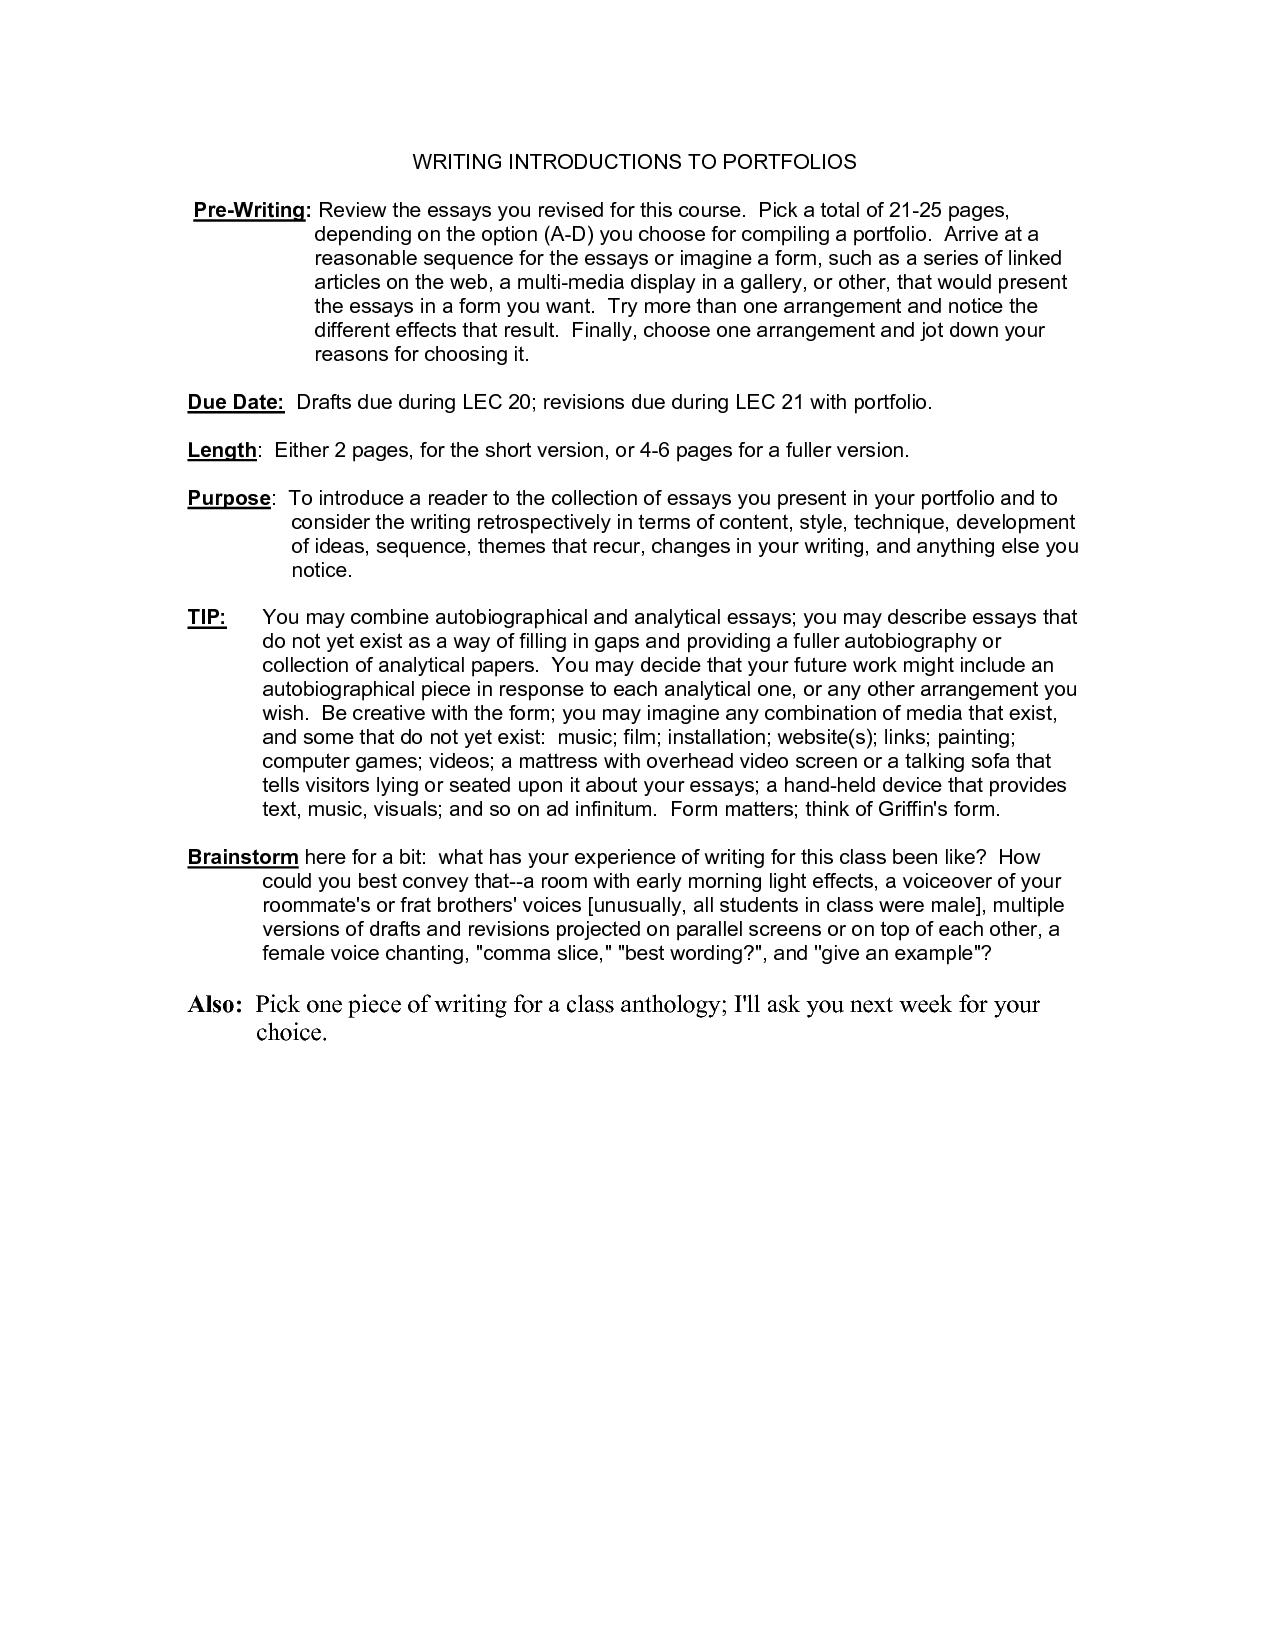 Paper vs plastic essay